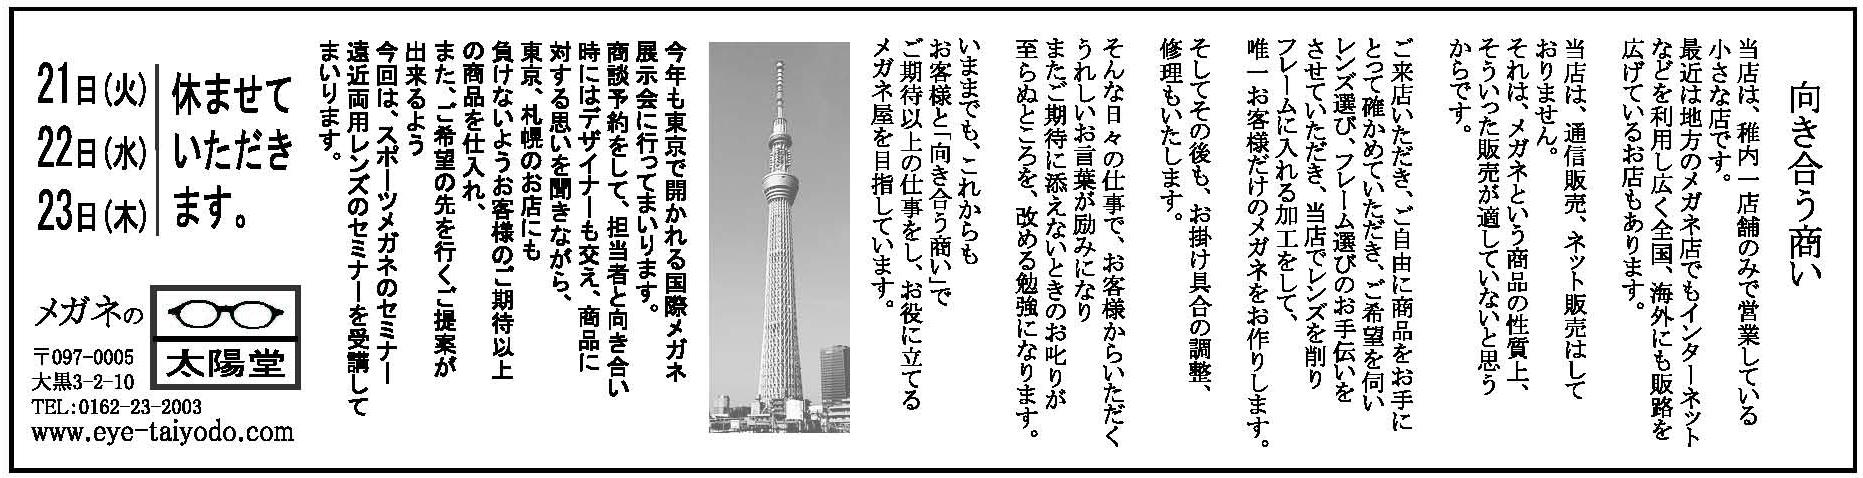 14太陽堂10/18